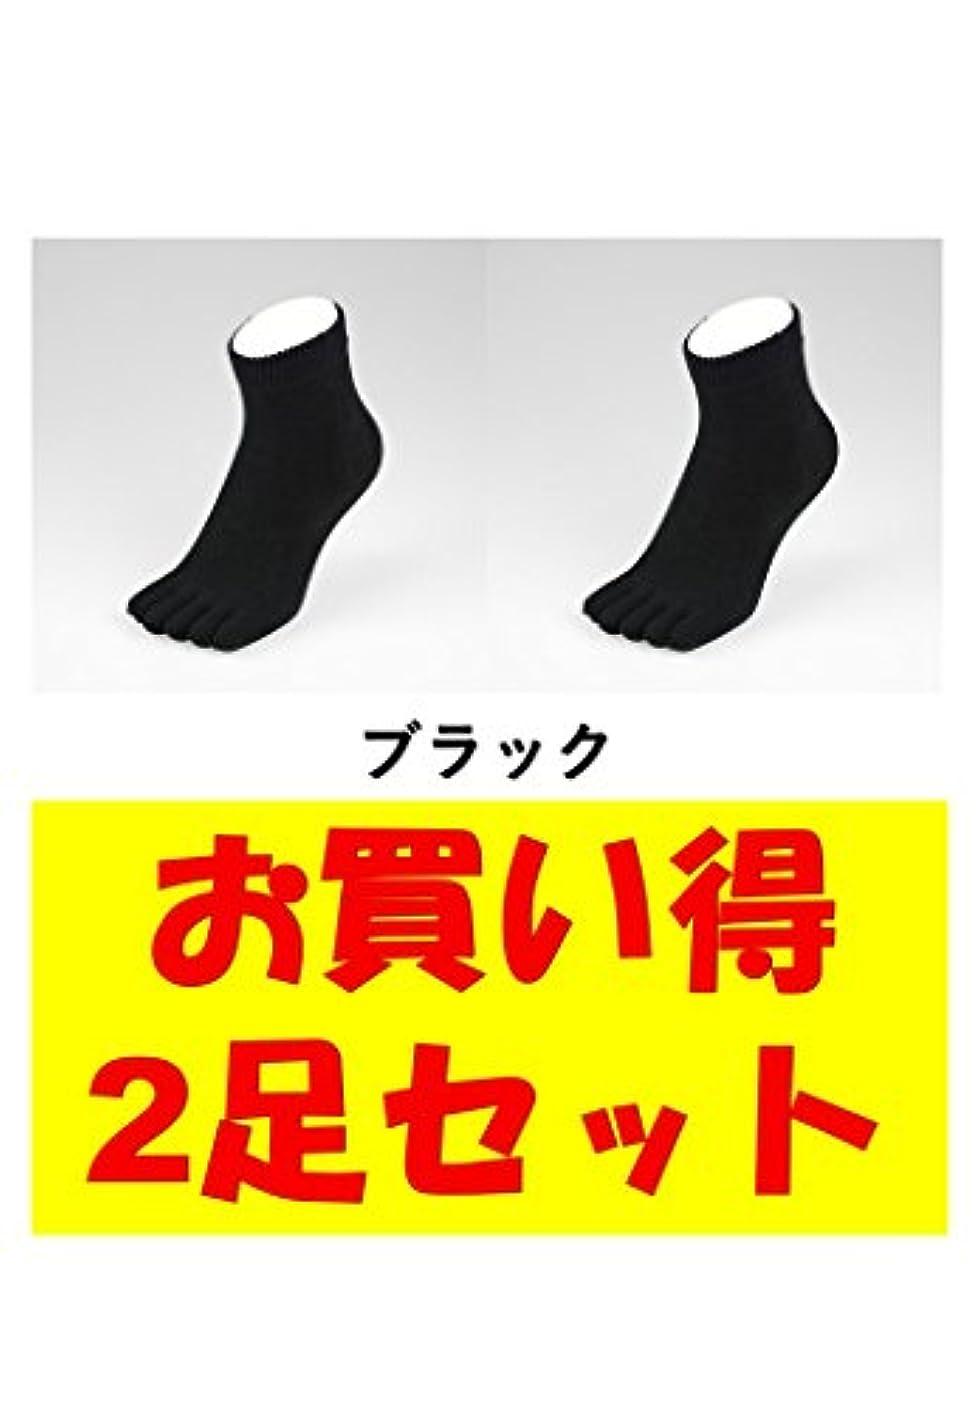 でもポータルペアお買い得2足セット 5本指 ゆびのばソックス Neo EVE(イヴ) ブラック Sサイズ(21.0cm - 24.0cm) YSNEVE-BLK